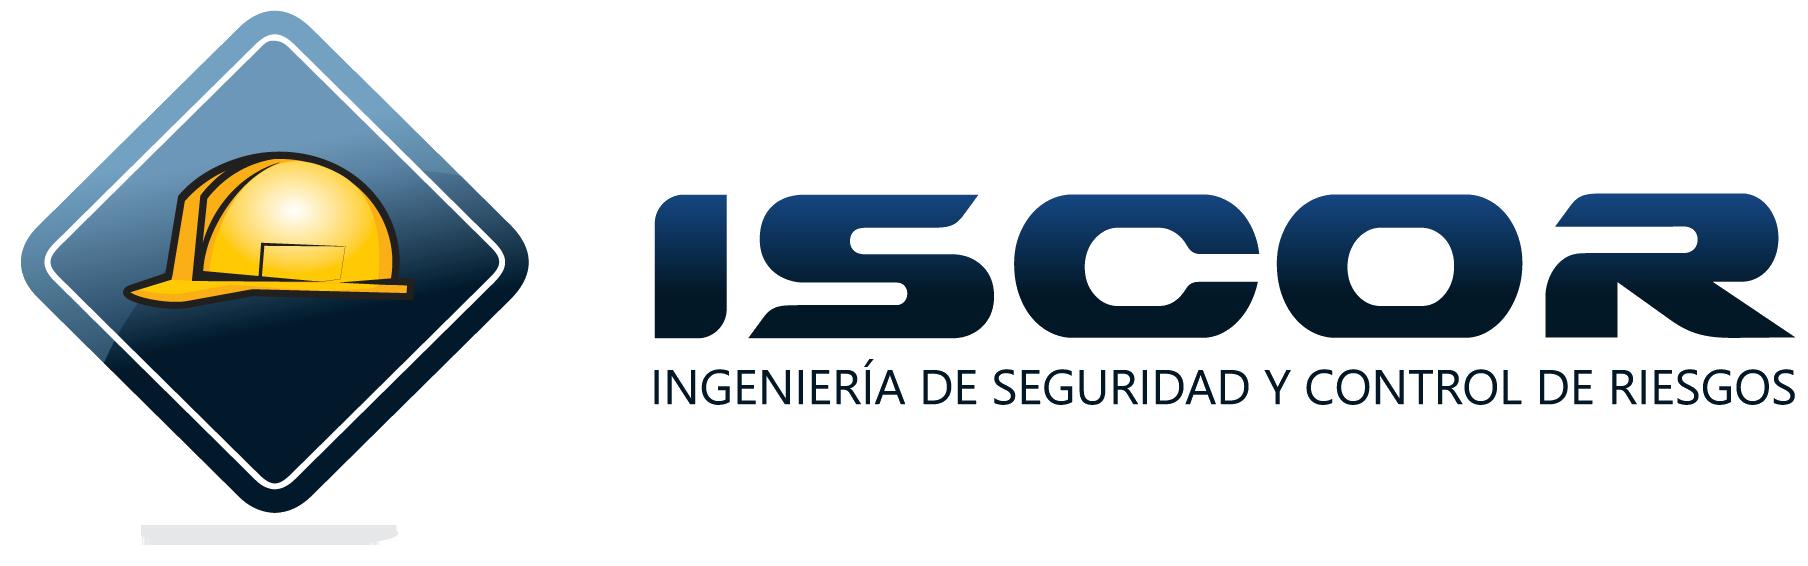 ISCOR S.A.S